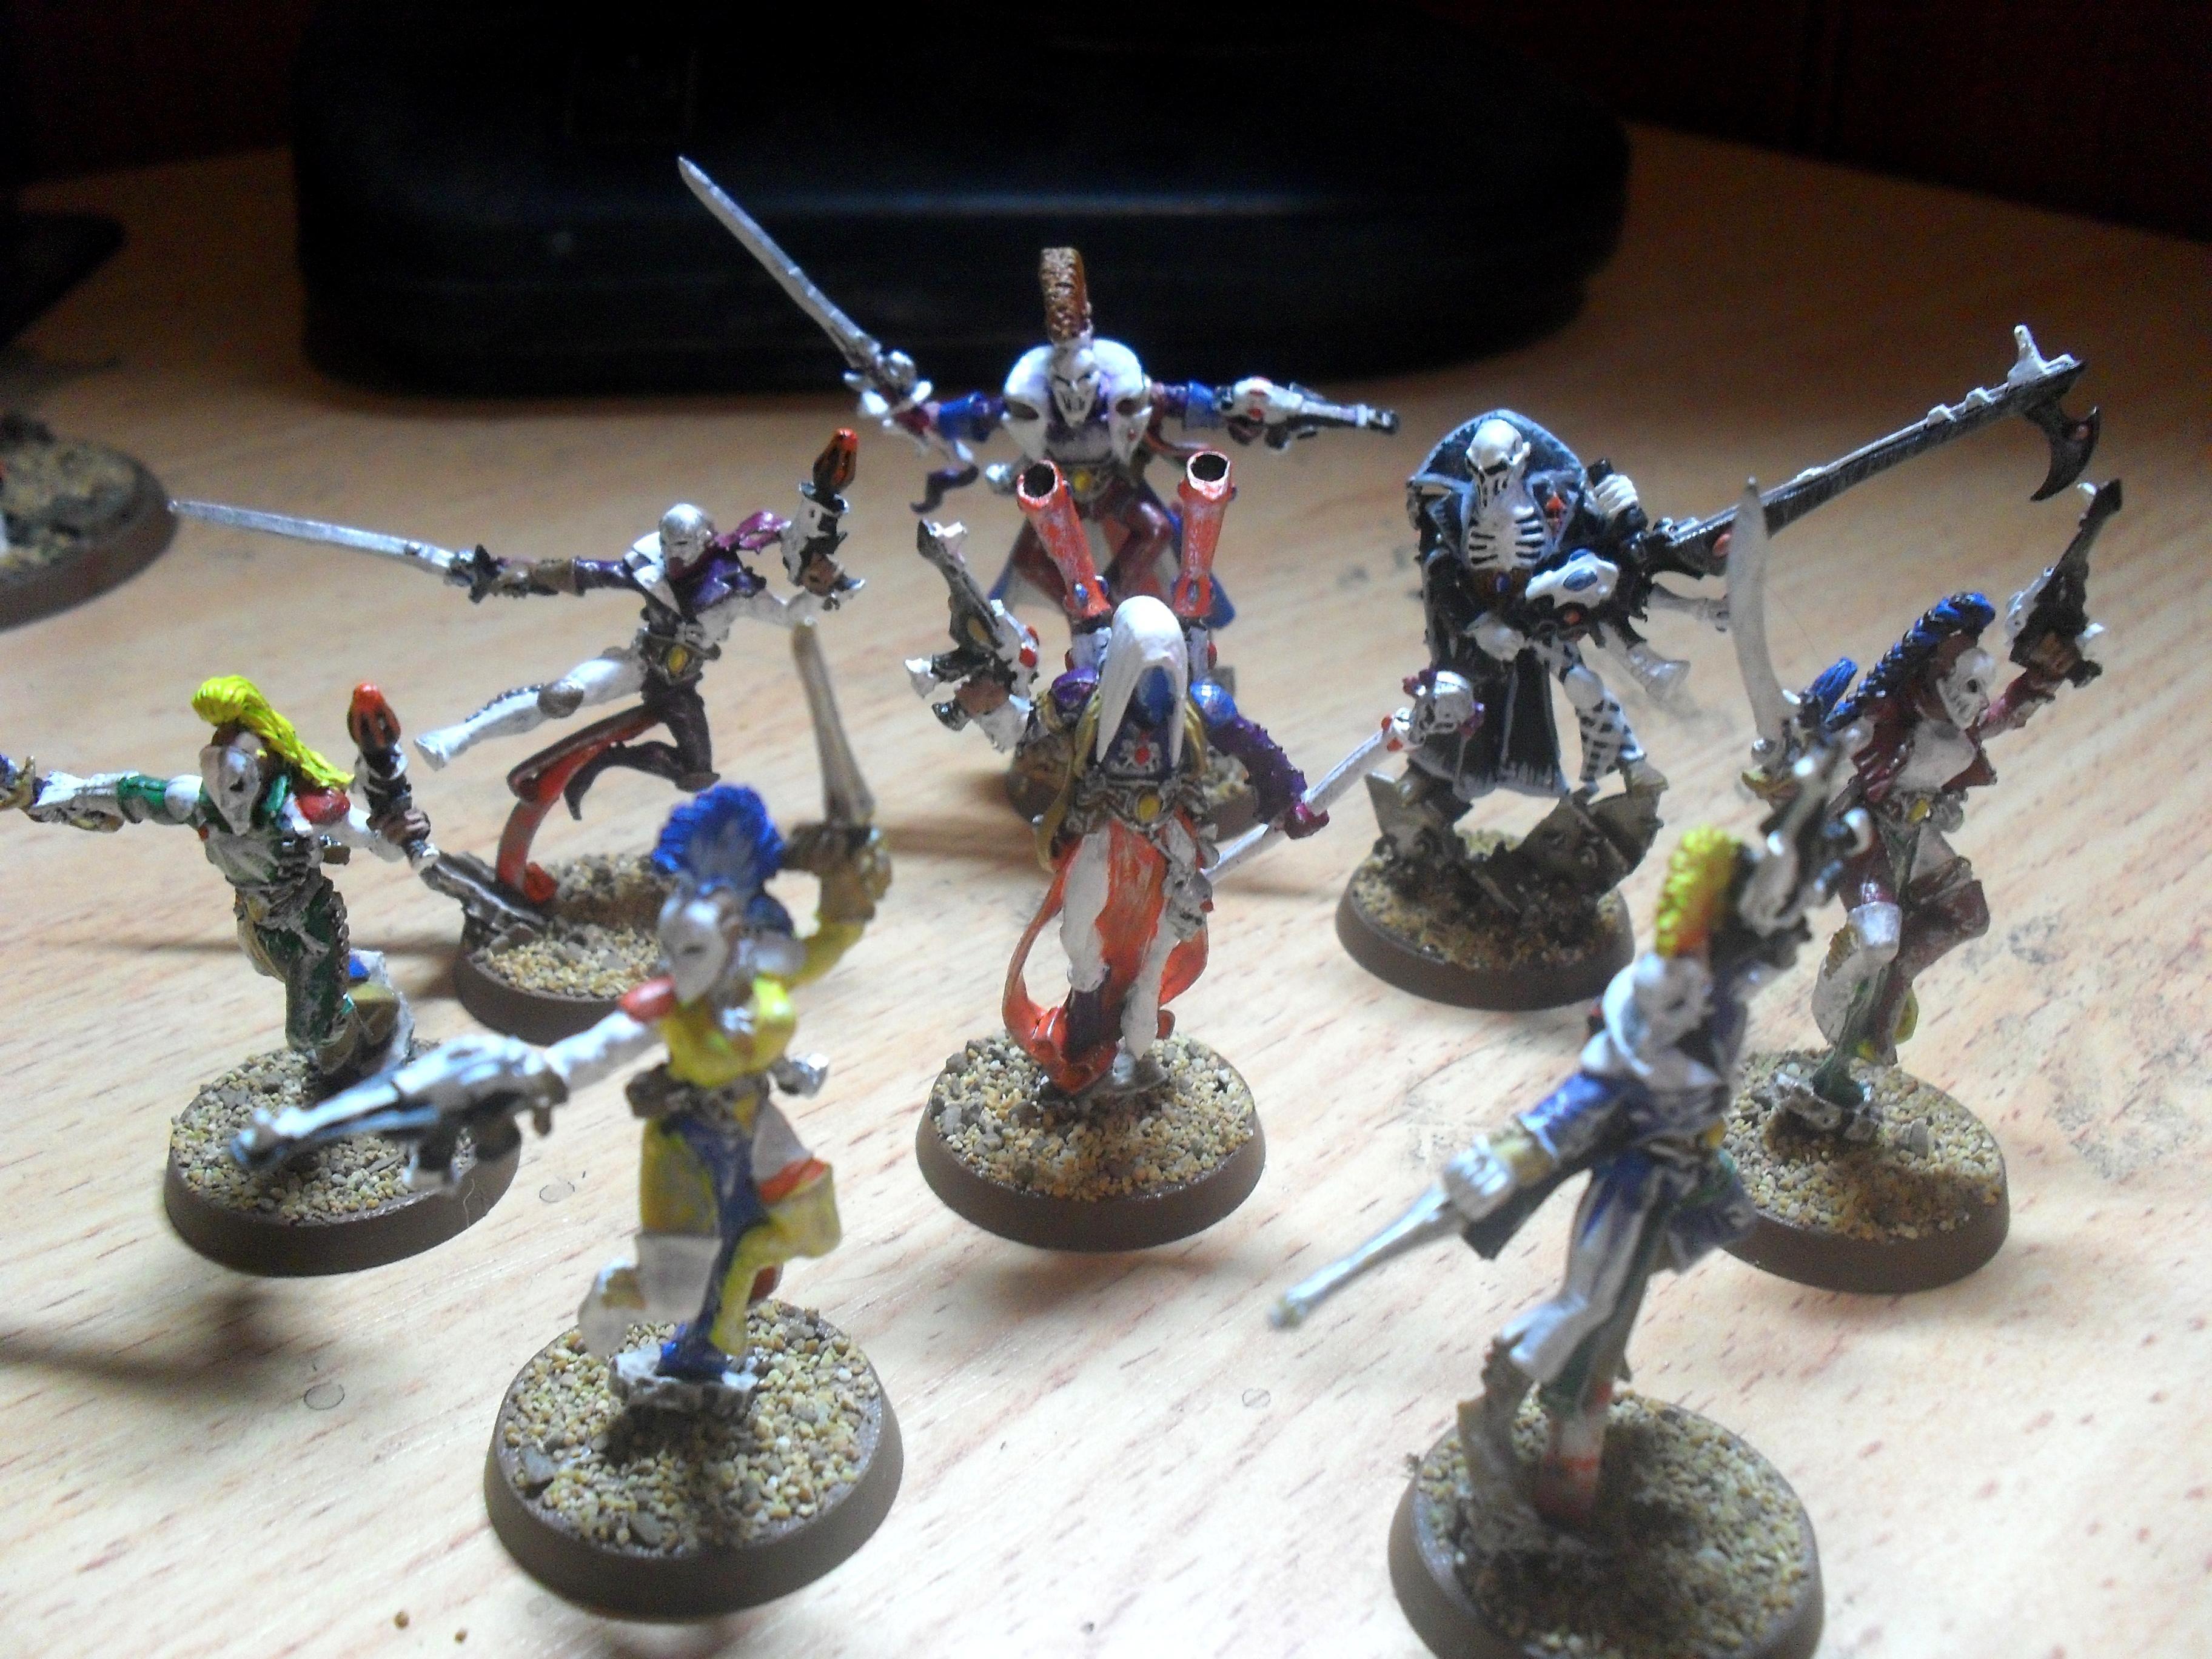 Craftworld, Death Jester, Eldar, Harlequins, Shadowseer, Troupe Master, Warhammer 40,000, Ynnead